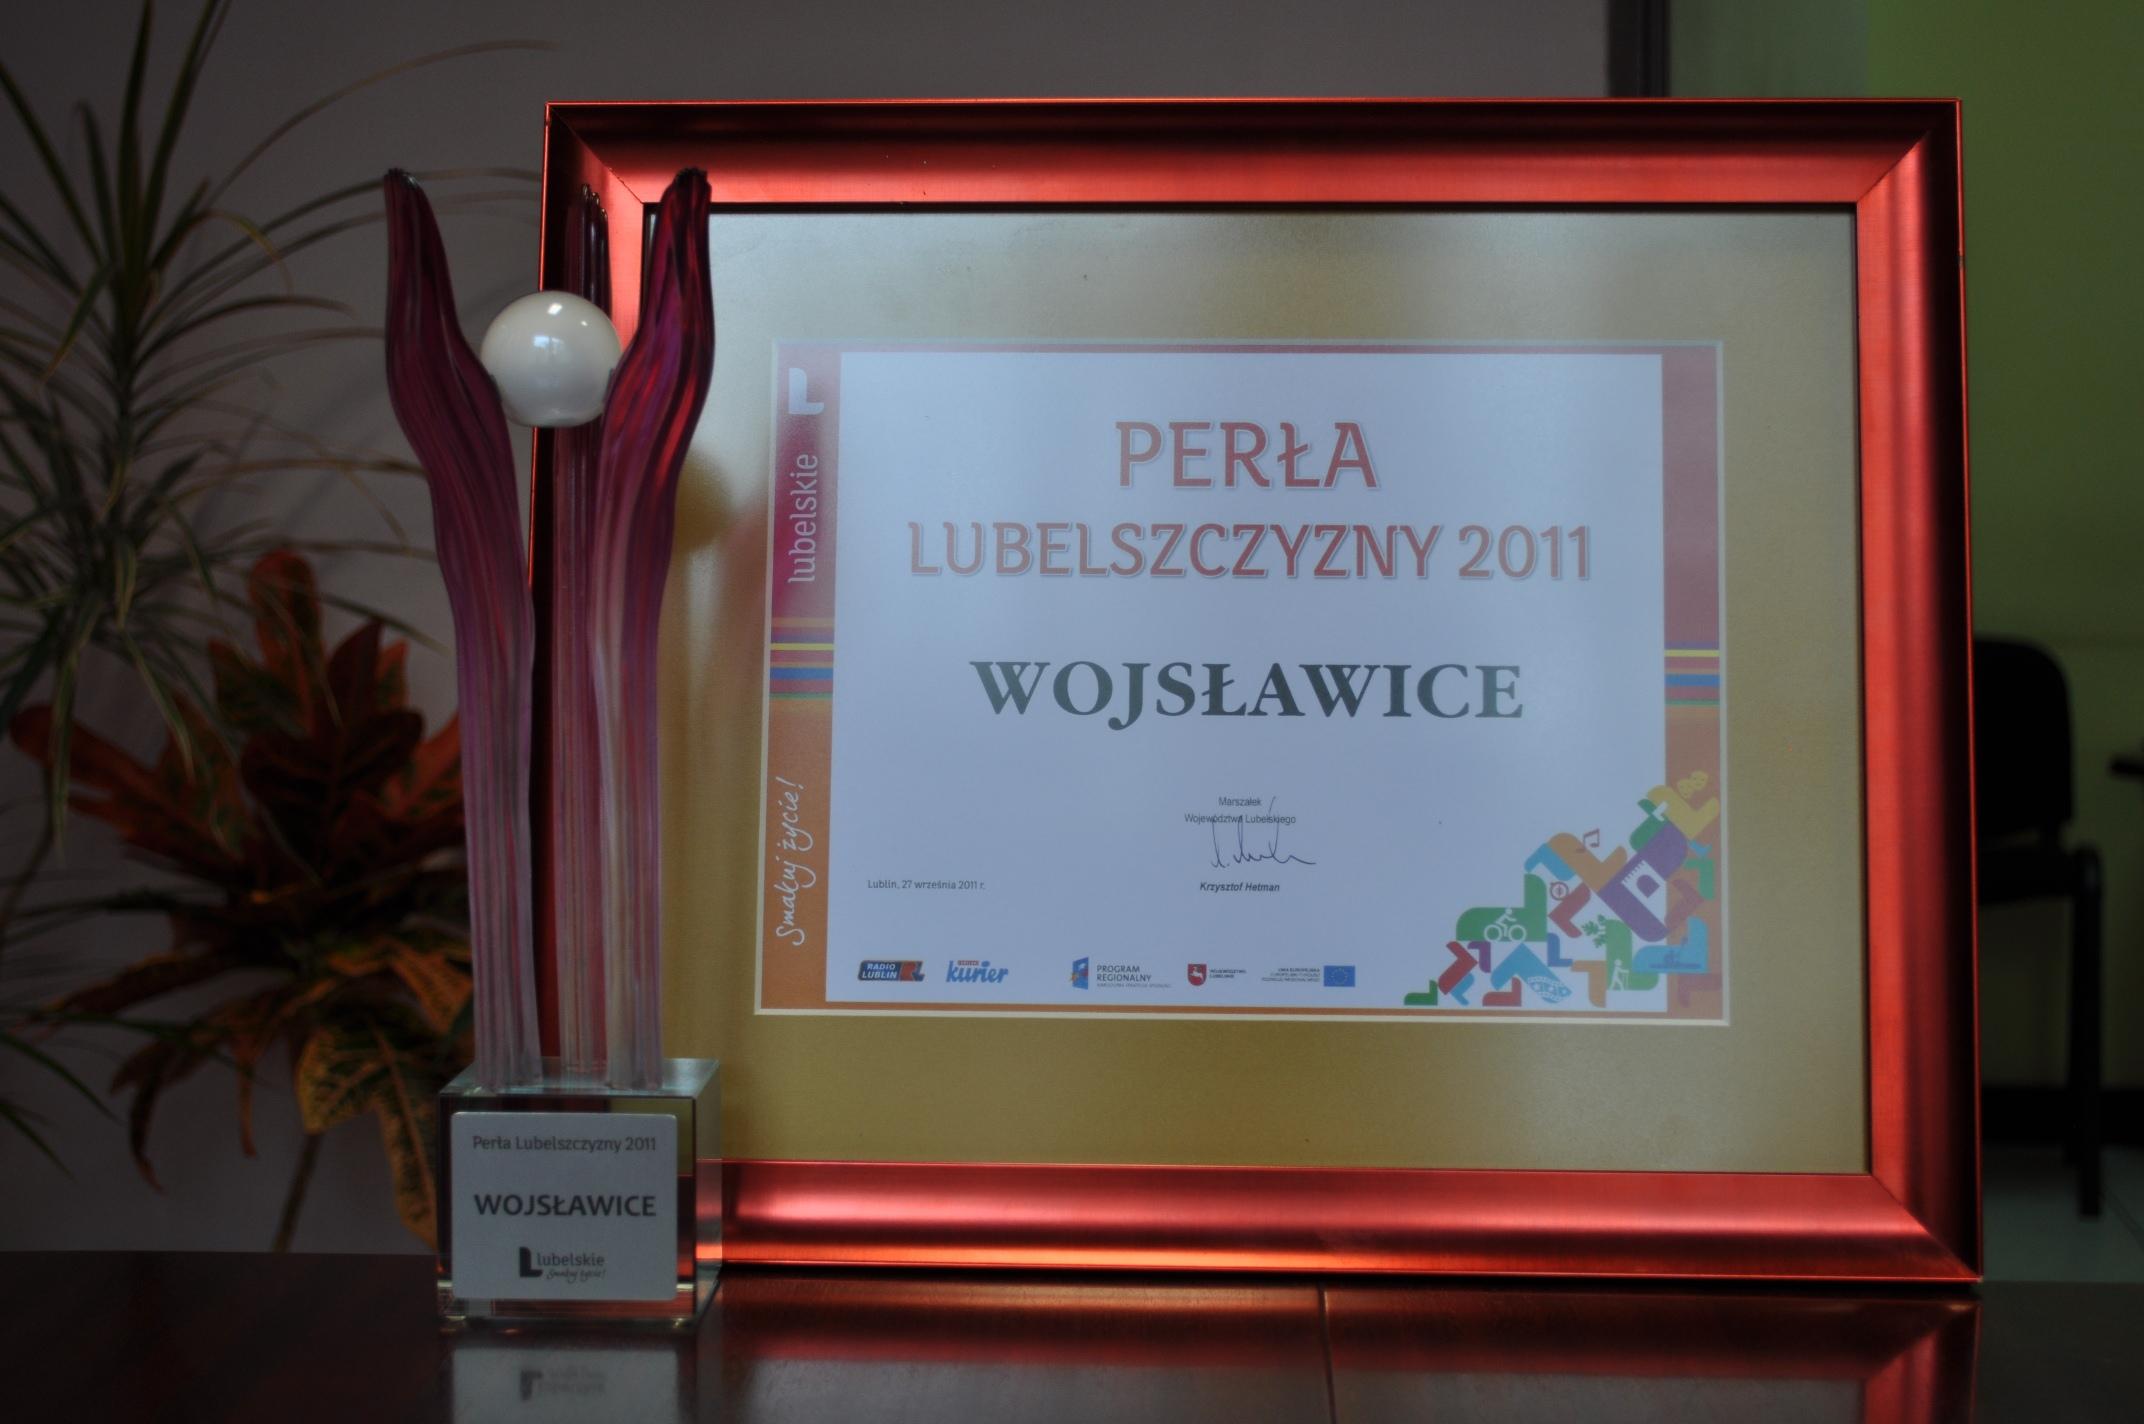 Perła Lubelszczyzny 2011 - Wojsławice!!!